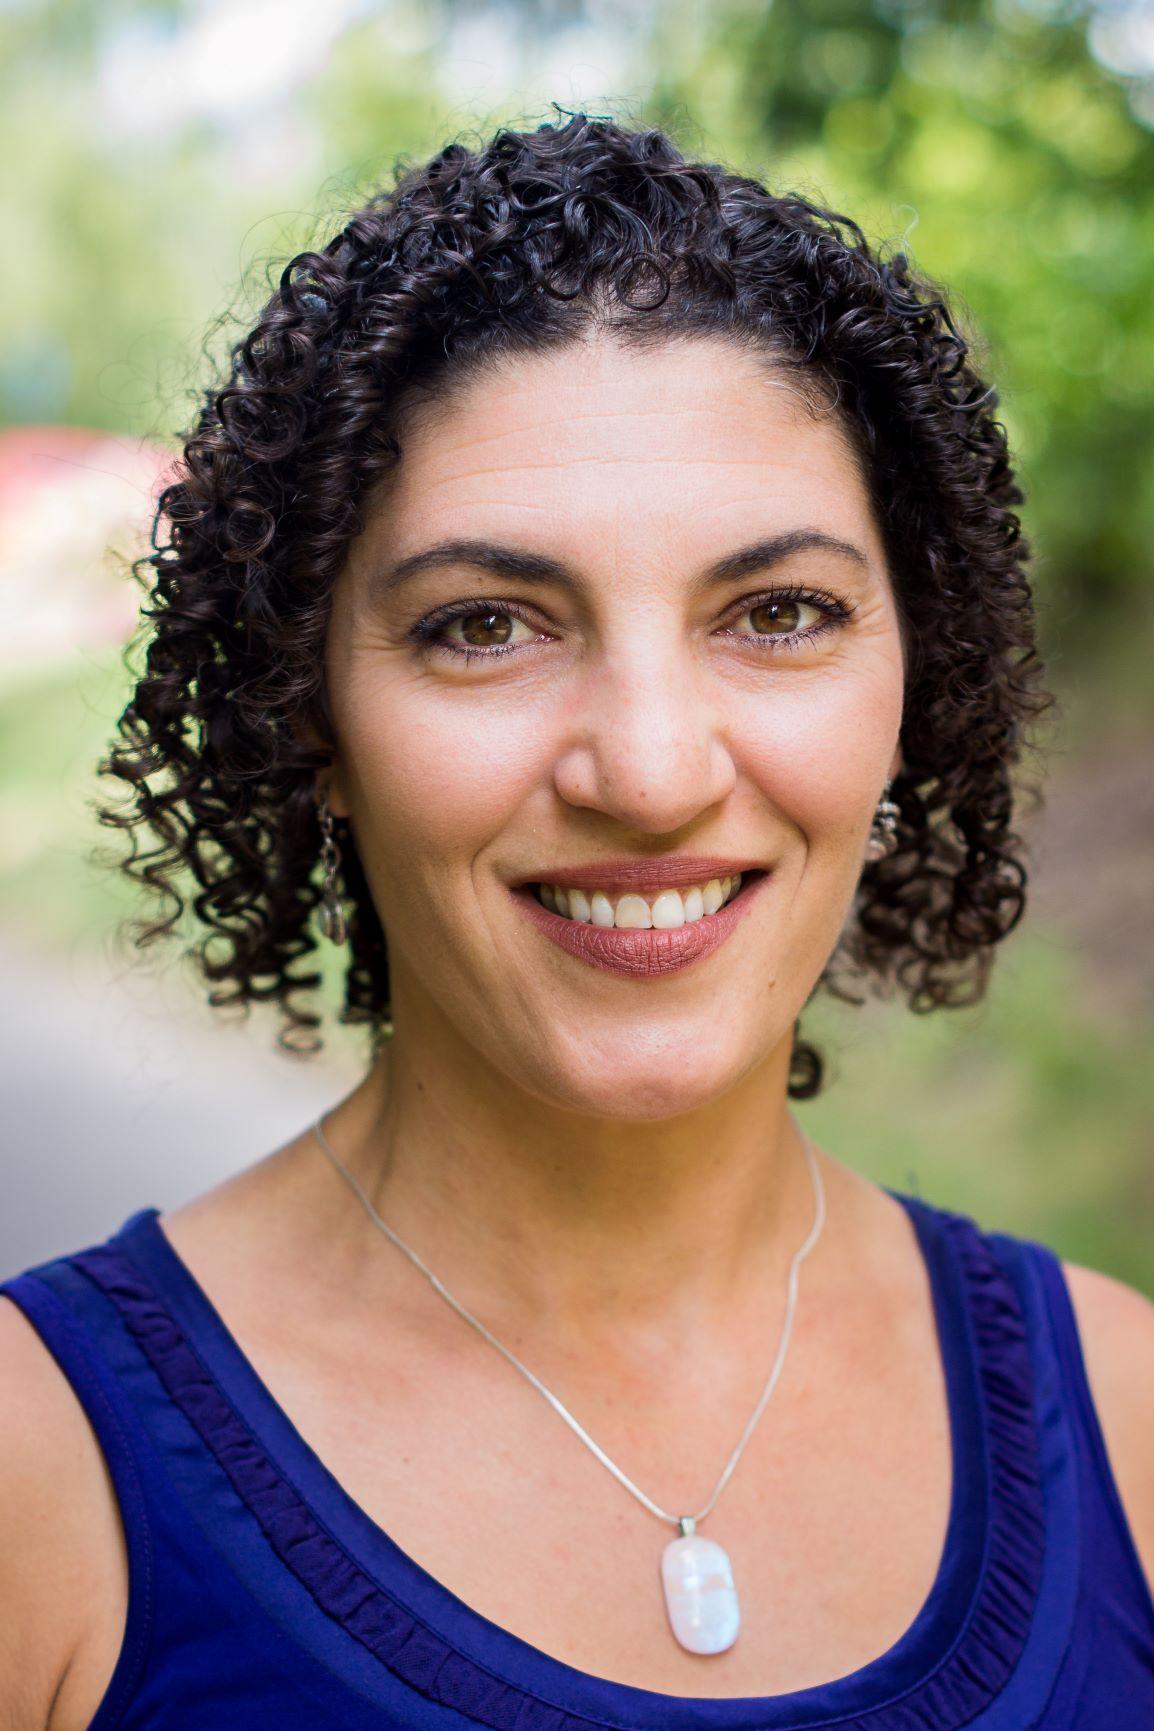 Victoria Marchese